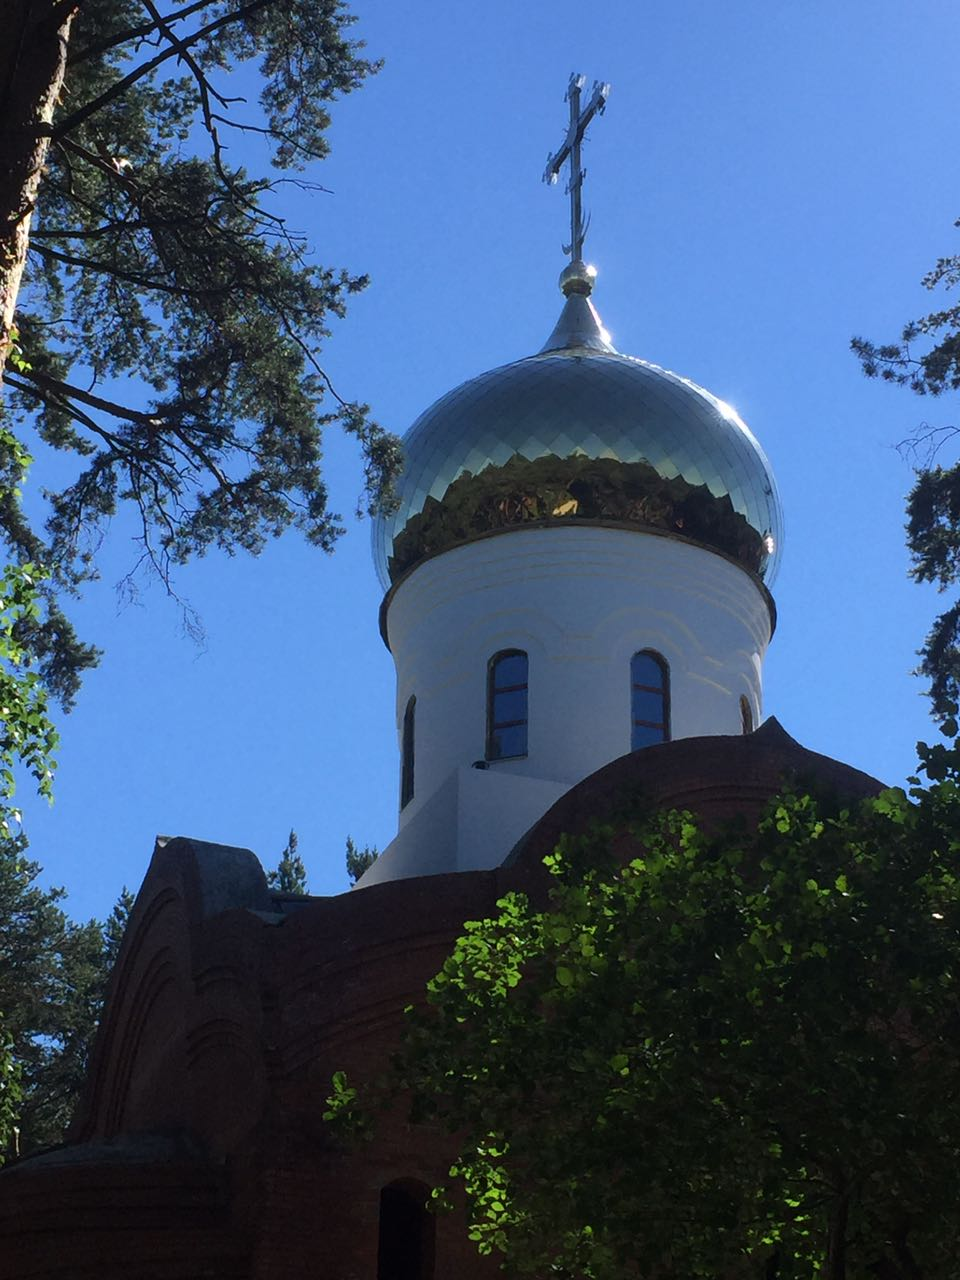 храм святителя Луки в Екатеринбурге. Июль 2017 г.